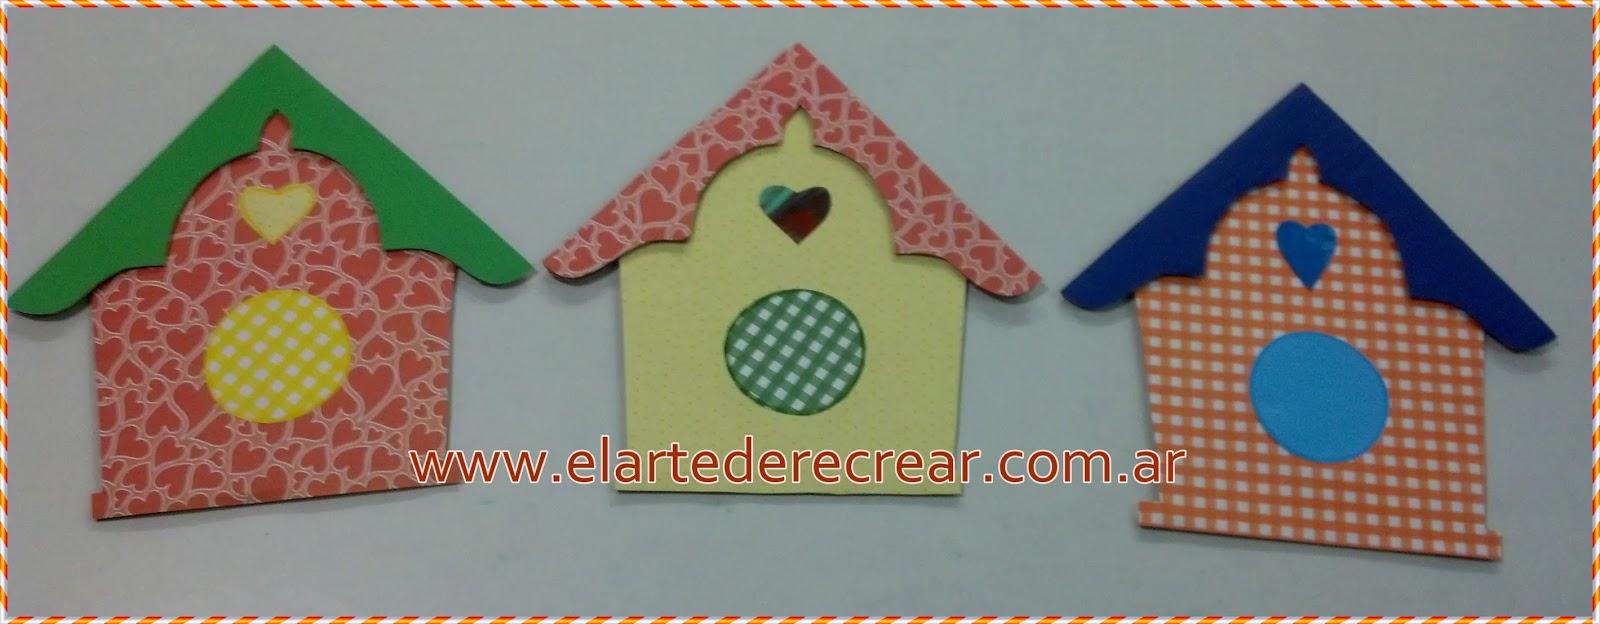 Casa de p jaros en cartulina y en tela estampadas - Casas de tela para ninos ...